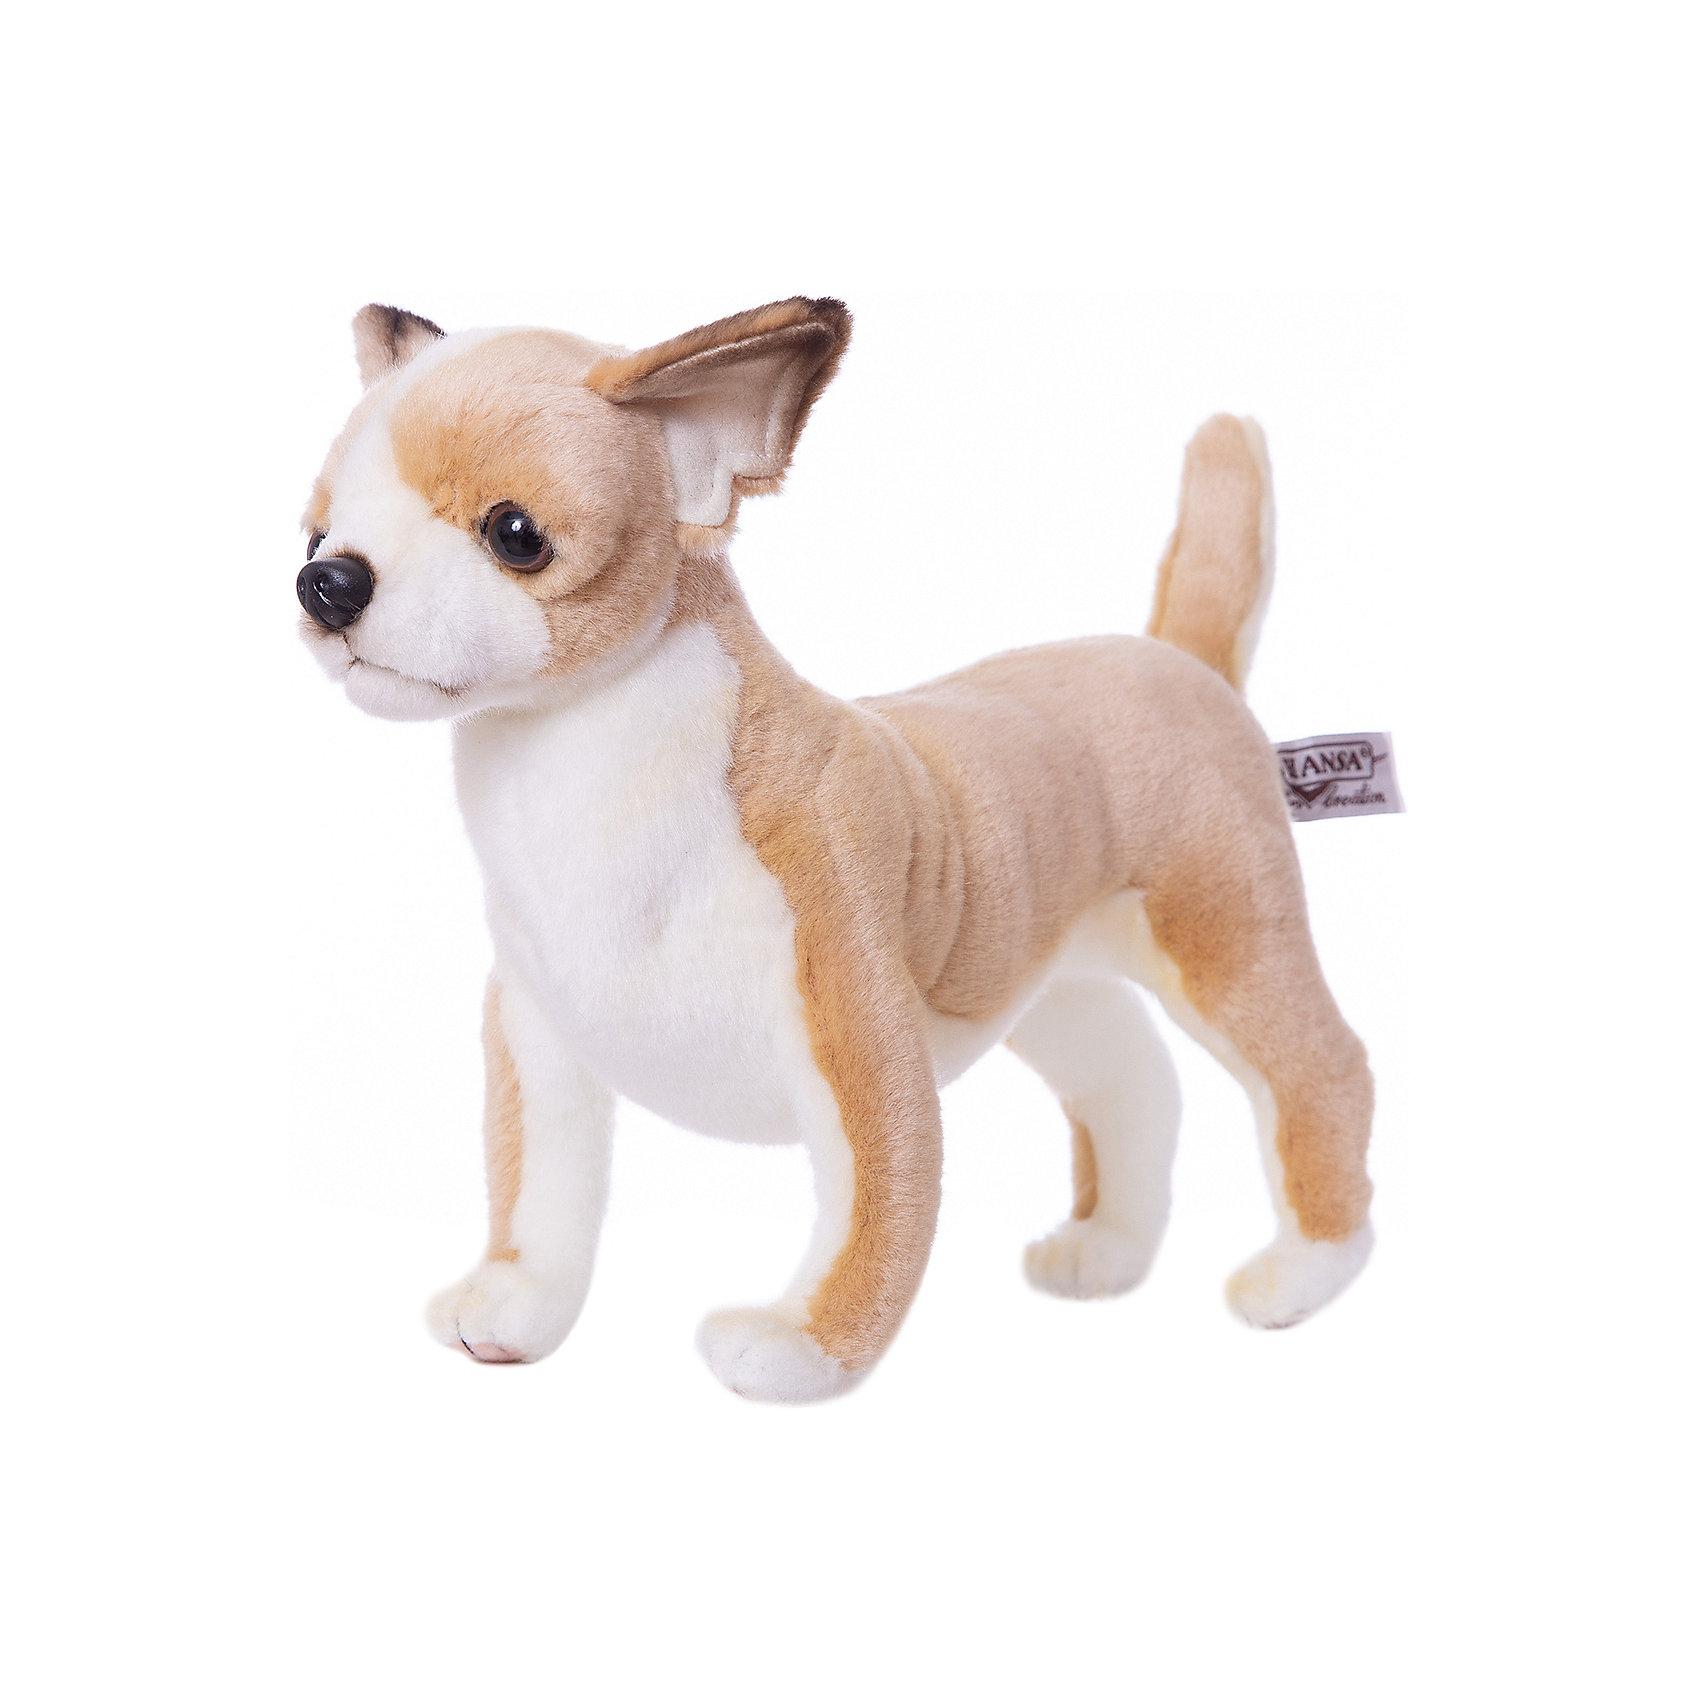 Чихуахуа, 27 смЗвери и птицы<br>Чихуахуа, 27 см – игрушка от знаменитого бренда Hansa, специализирующегося на выпуске мягких игрушек с высокой степенью натуралистичности. Внешний вид игрушечной собаки полностью соответствует своему реальному прототипу – собаке породы Чихуахуа. Она выполнена из искусственного меха светло-коричневого цвета с коротким ворсом, грудка и внутренняя часть лапок – из белого меха. Использованные материалы обладают гипоаллергенными свойствами. Внутри игрушки имеется металлический каркас, позволяющий изменять положение. <br>Игрушка относится к серии Домашние животные. <br>Мягкие игрушки от Hansa подходят для сюжетно-ролевых игр, для обучающих игр, направленных на знакомство с миром живой природы. Кроме того, их можно использовать в качестве интерьерных игрушек. Представленные у торгового бренда разнообразие игрушечных собак позволяет собрать свою коллекцию пород, которая будет радовать вашего ребенка долгое время, так как ручная работа и качественные материалы гарантируют их долговечность и прочность.<br><br>Дополнительная информация:<br><br>- Вид игр: сюжетно-ролевые игры, коллекционирование, интерьерные игрушки<br>- Предназначение: для дома, для детских развивающих центров, для детских садов<br>- Материал: искусственный мех, наполнитель ? полиэфирное волокно<br>- Размер (ДхШхВ): 27*24*11 см<br>- Вес: 900 г<br>- Особенности ухода: сухая чистка при помощи пылесоса или щетки для одежды<br><br>Подробнее:<br><br>• Для детей в возрасте: от 3 лет <br>• Страна производитель: Филиппины<br>• Торговый бренд: Hansa<br><br>Чихуахуа, 27 см можно купить в нашем интернет-магазине.<br><br>Ширина мм: 27<br>Глубина мм: 24<br>Высота мм: 11<br>Вес г: 900<br>Возраст от месяцев: 36<br>Возраст до месяцев: 2147483647<br>Пол: Унисекс<br>Возраст: Детский<br>SKU: 4927228